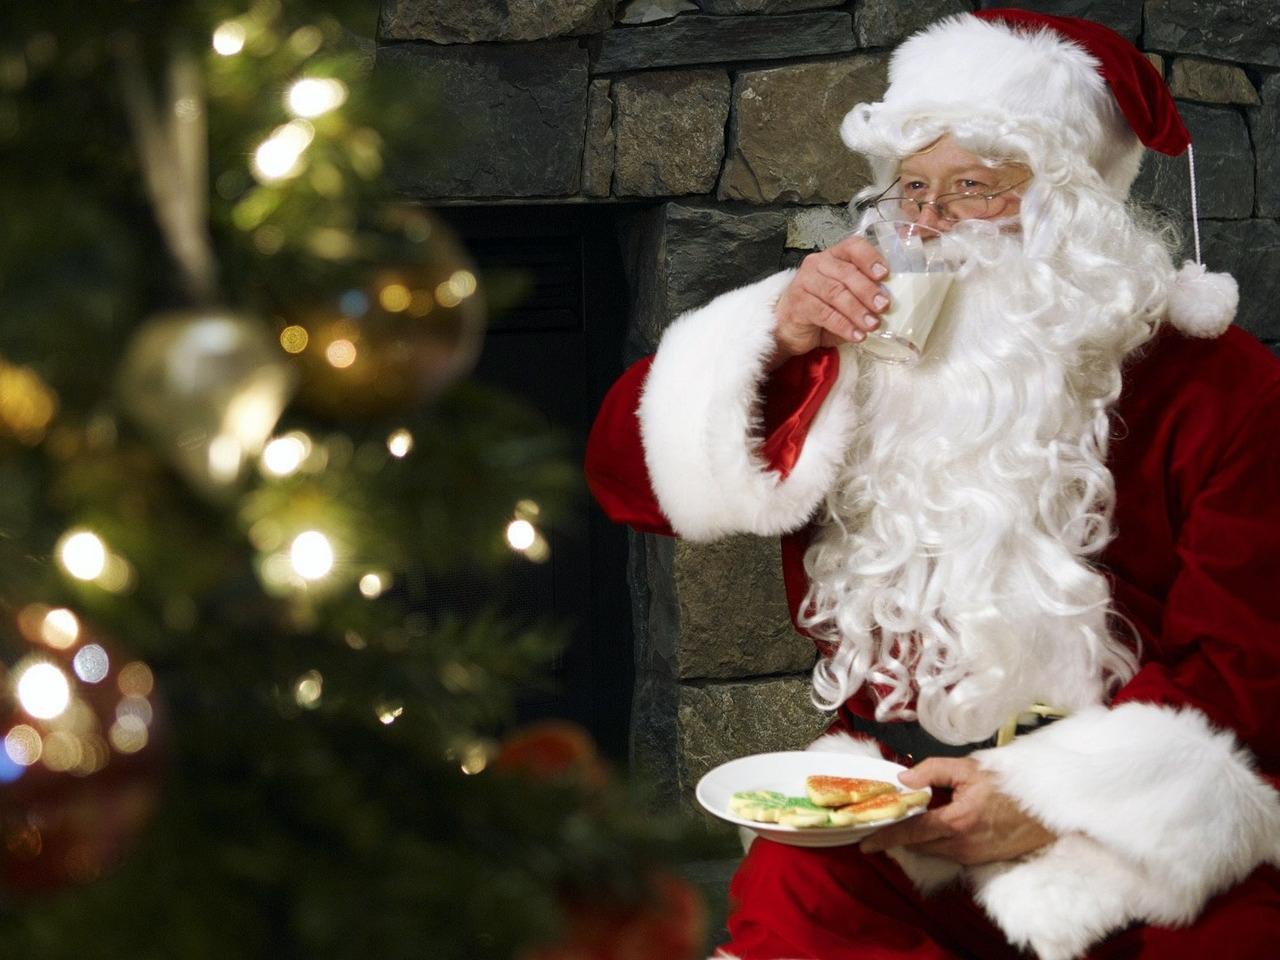 Скачать картинку Праздники, Люди, Новый Год (New Year), Санта Клаус (Santa Claus) в телефон бесплатно.